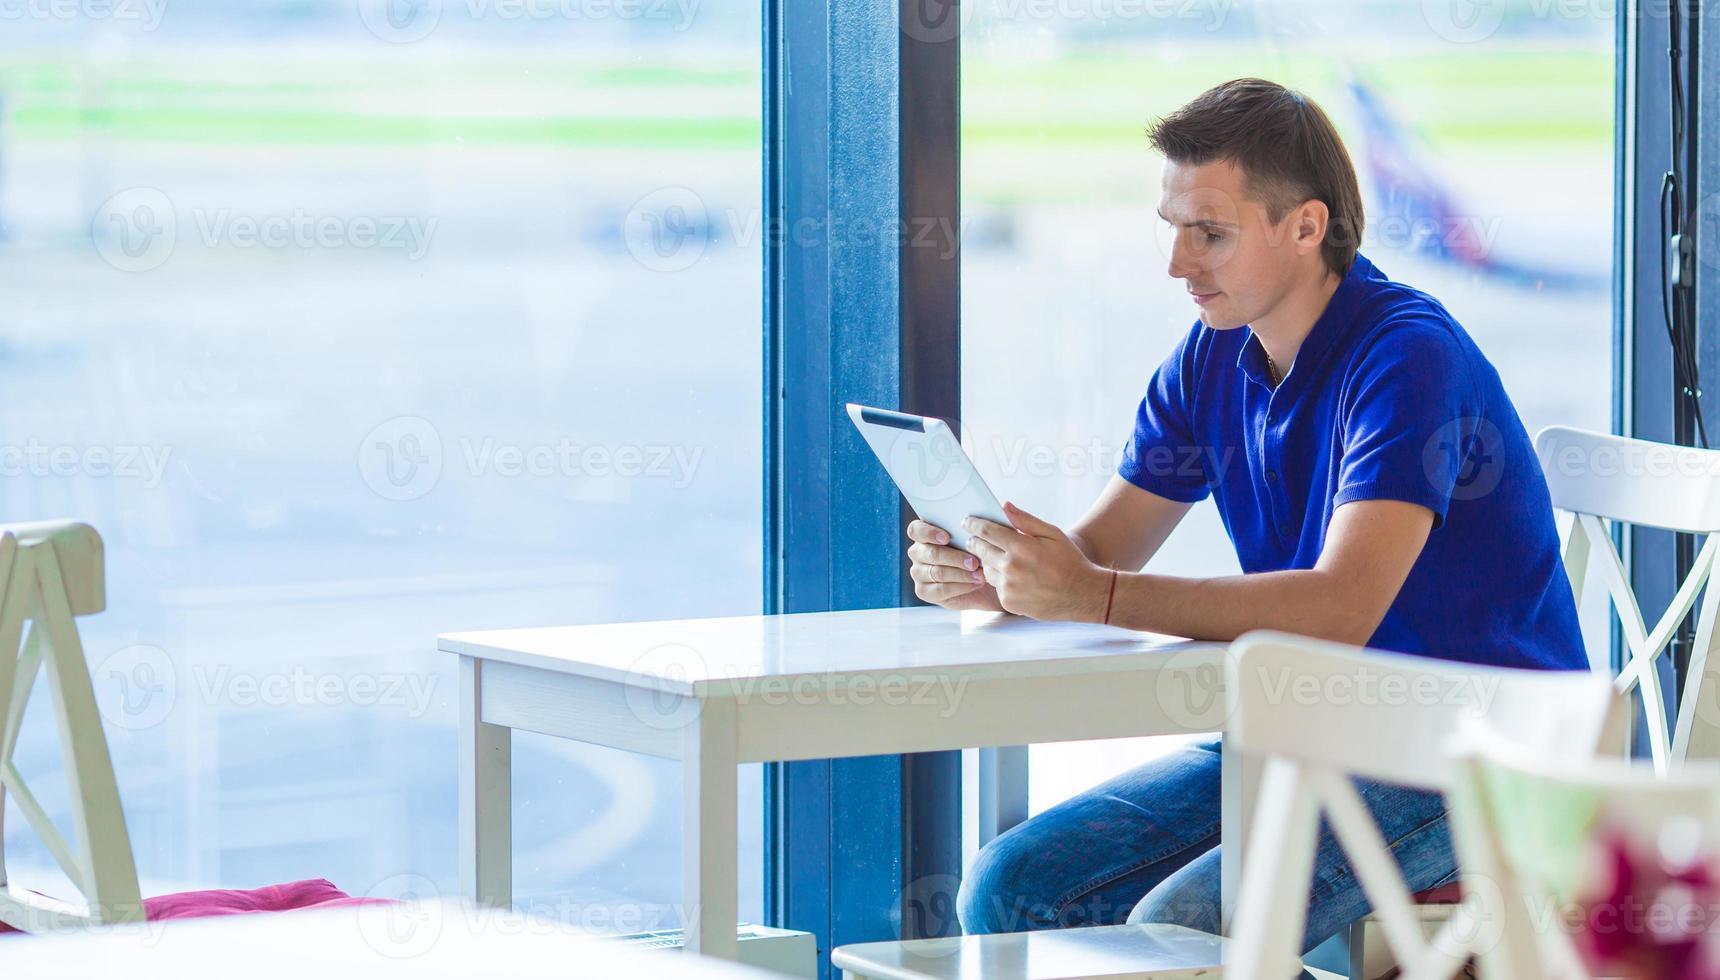 giovane uomo al bar dell'aeroporto in attesa di imbarco foto